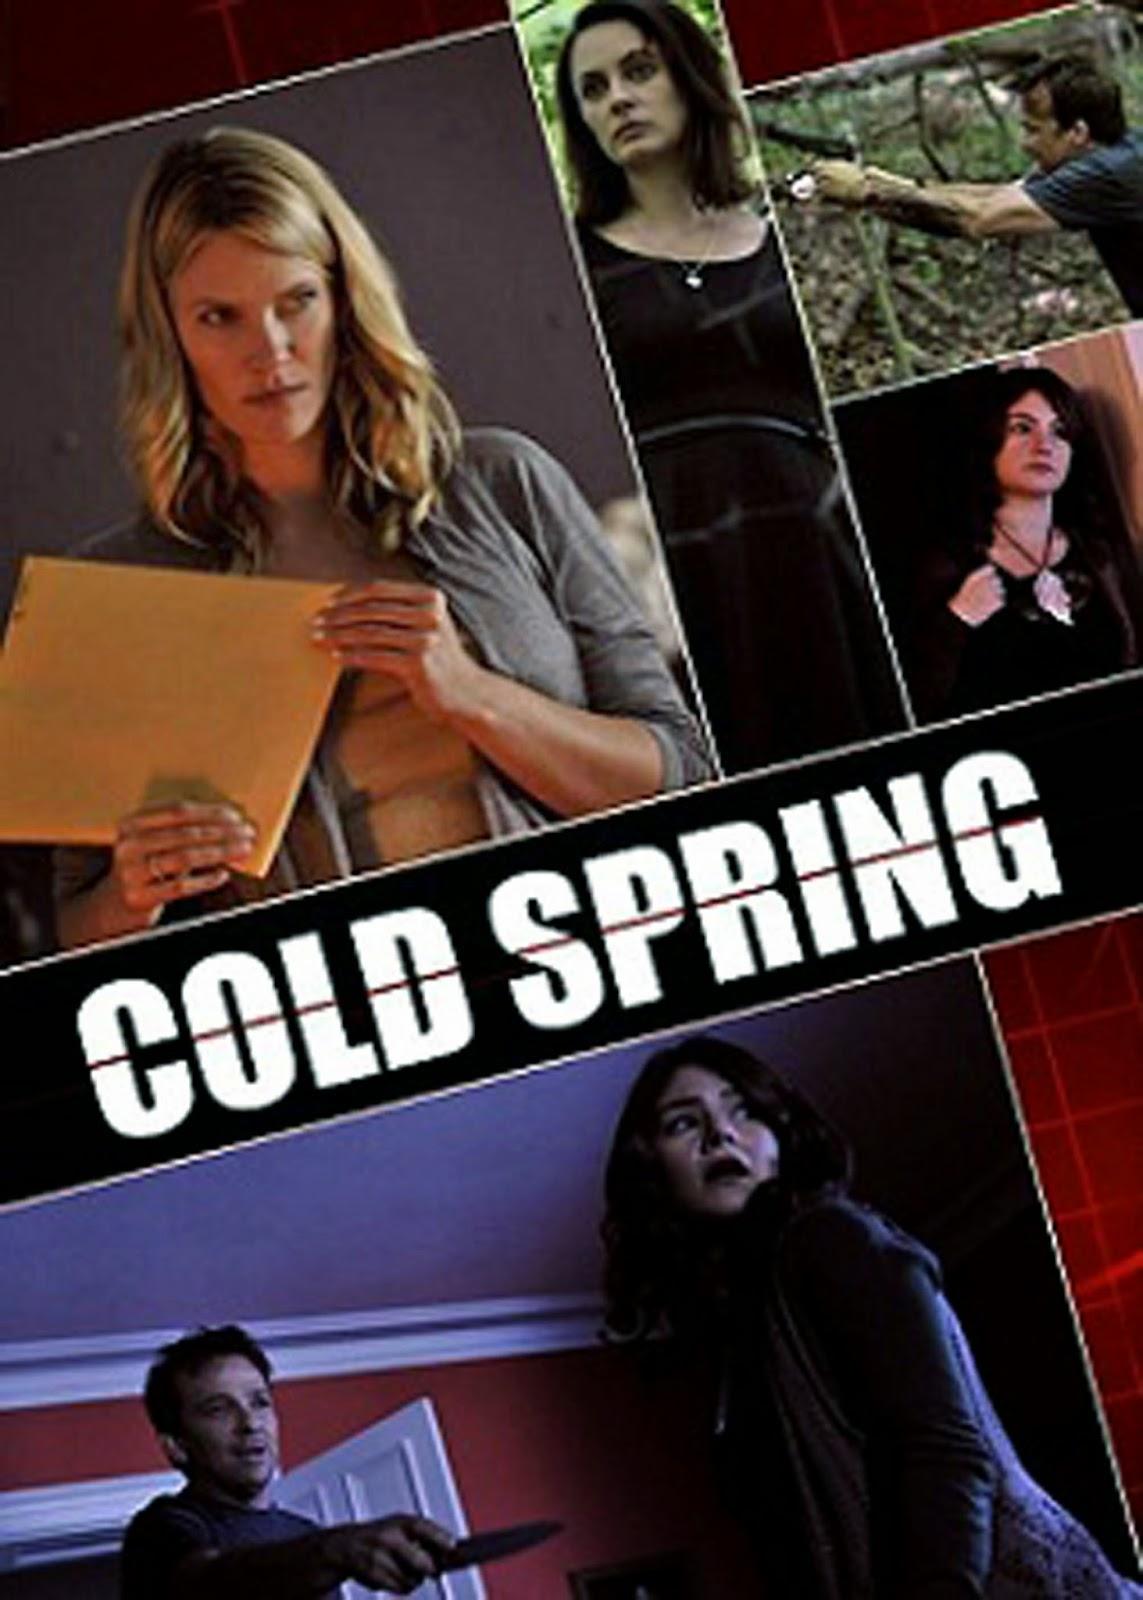 La casa de Cold Spring (2013)